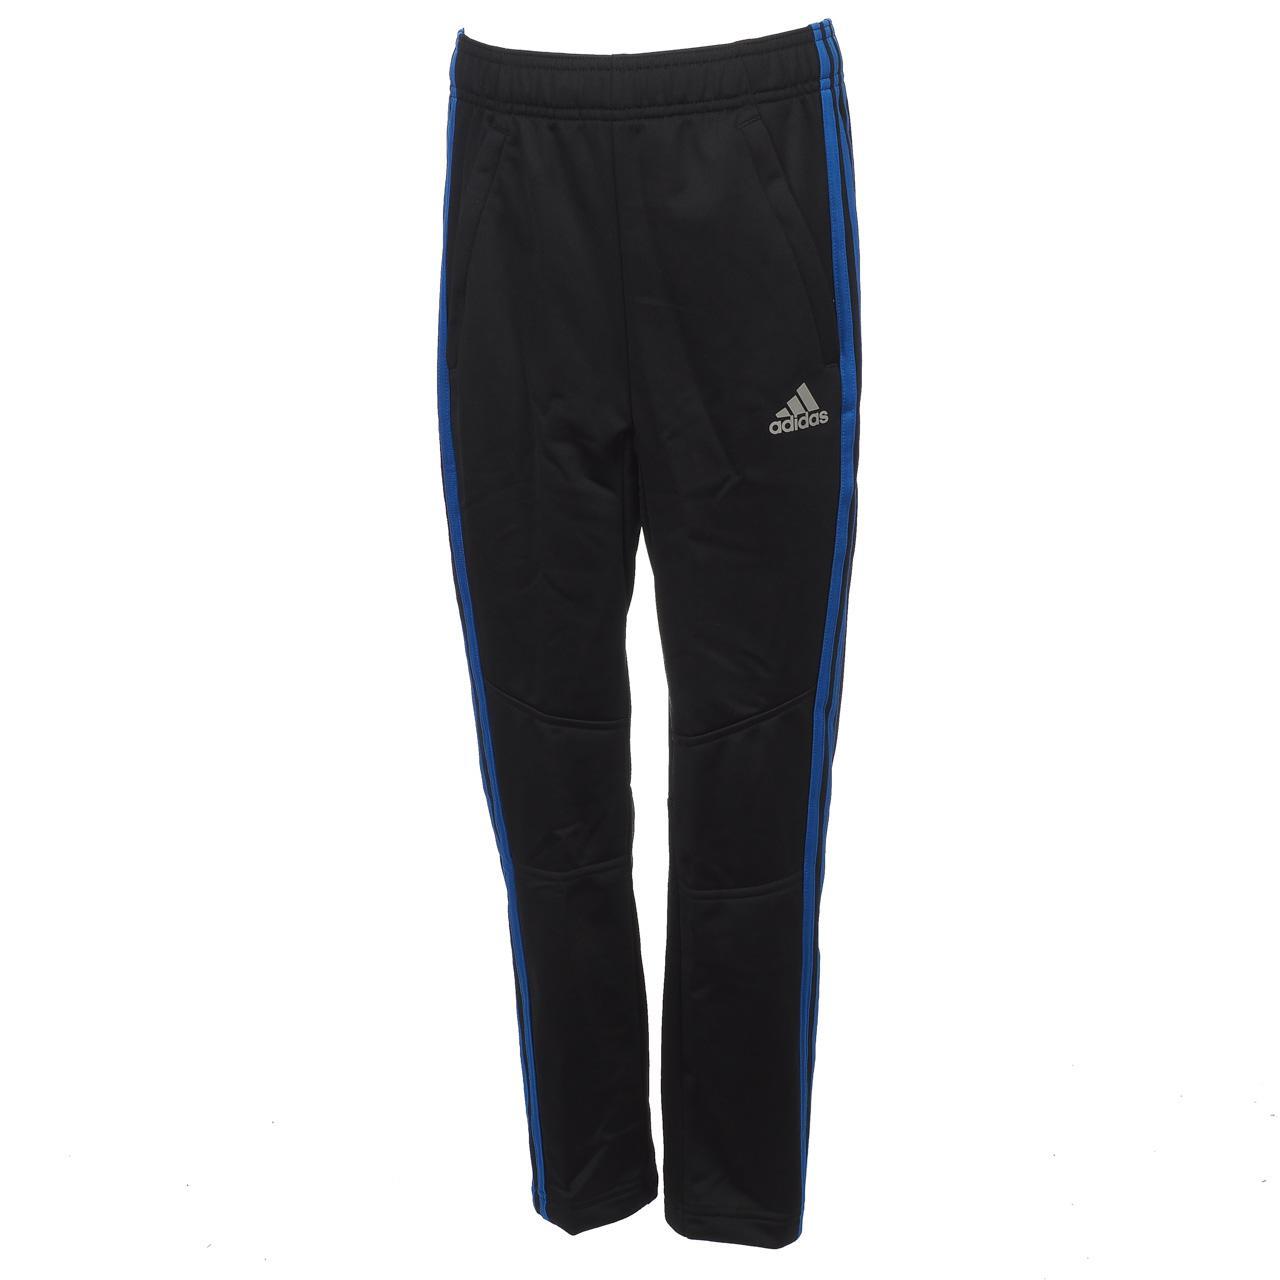 Trousers-Player-Adidas-Yb-Ftb-Str-3s-nr-Roy-Jr-Black-46615-New